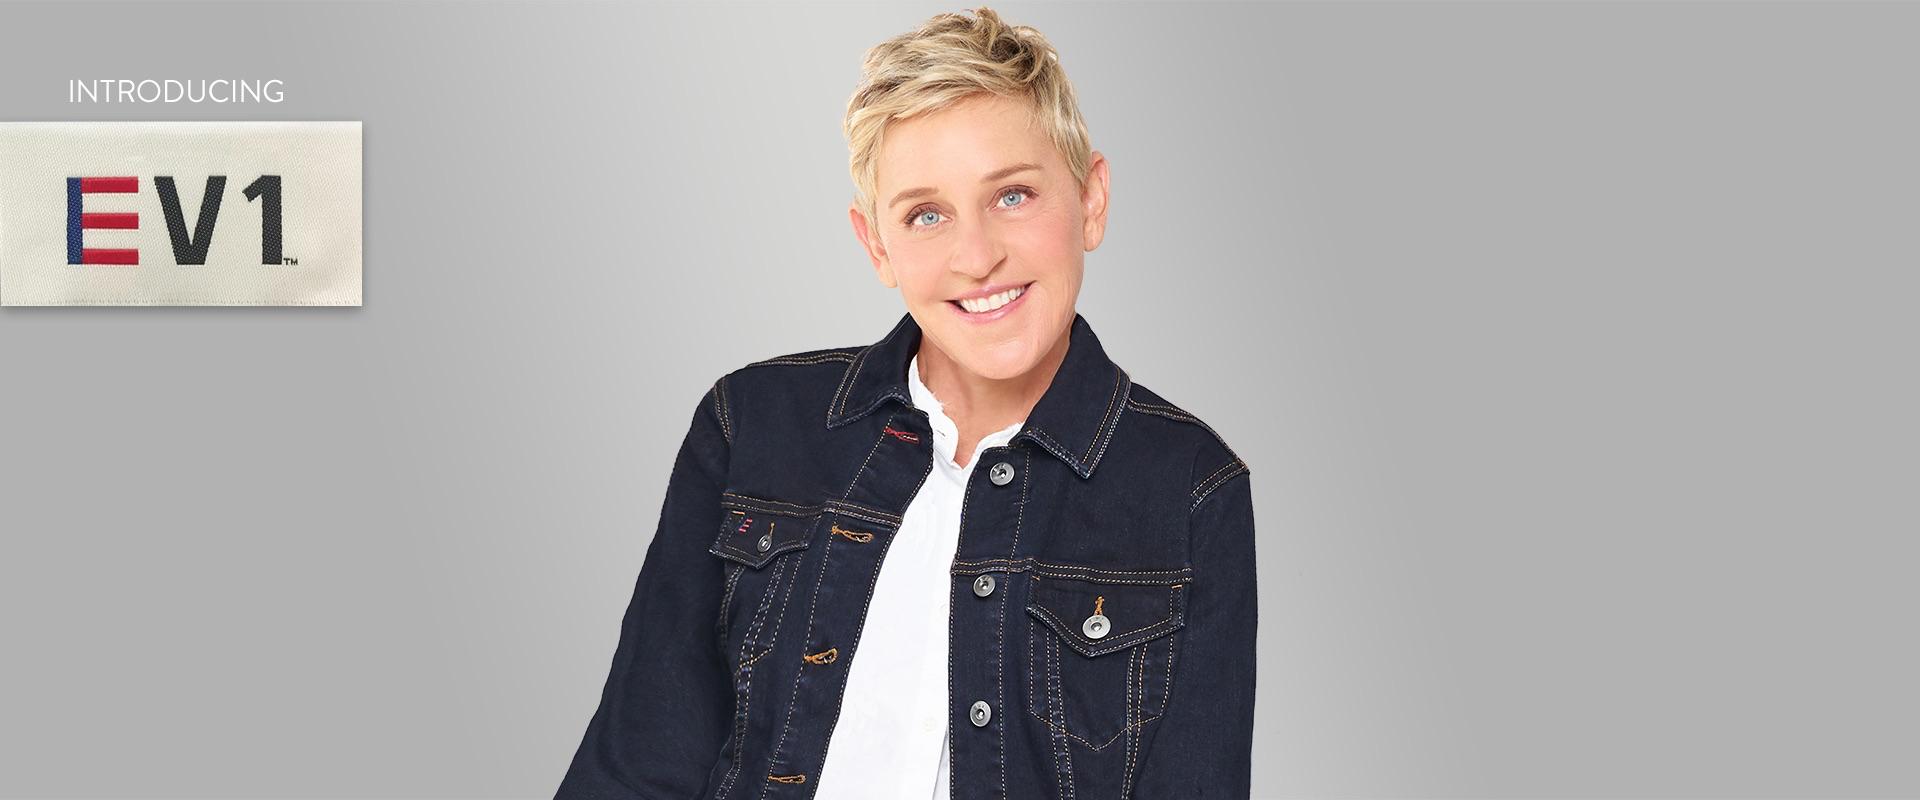 Ellen DeGeneris is launching EV1 on walmart.com.